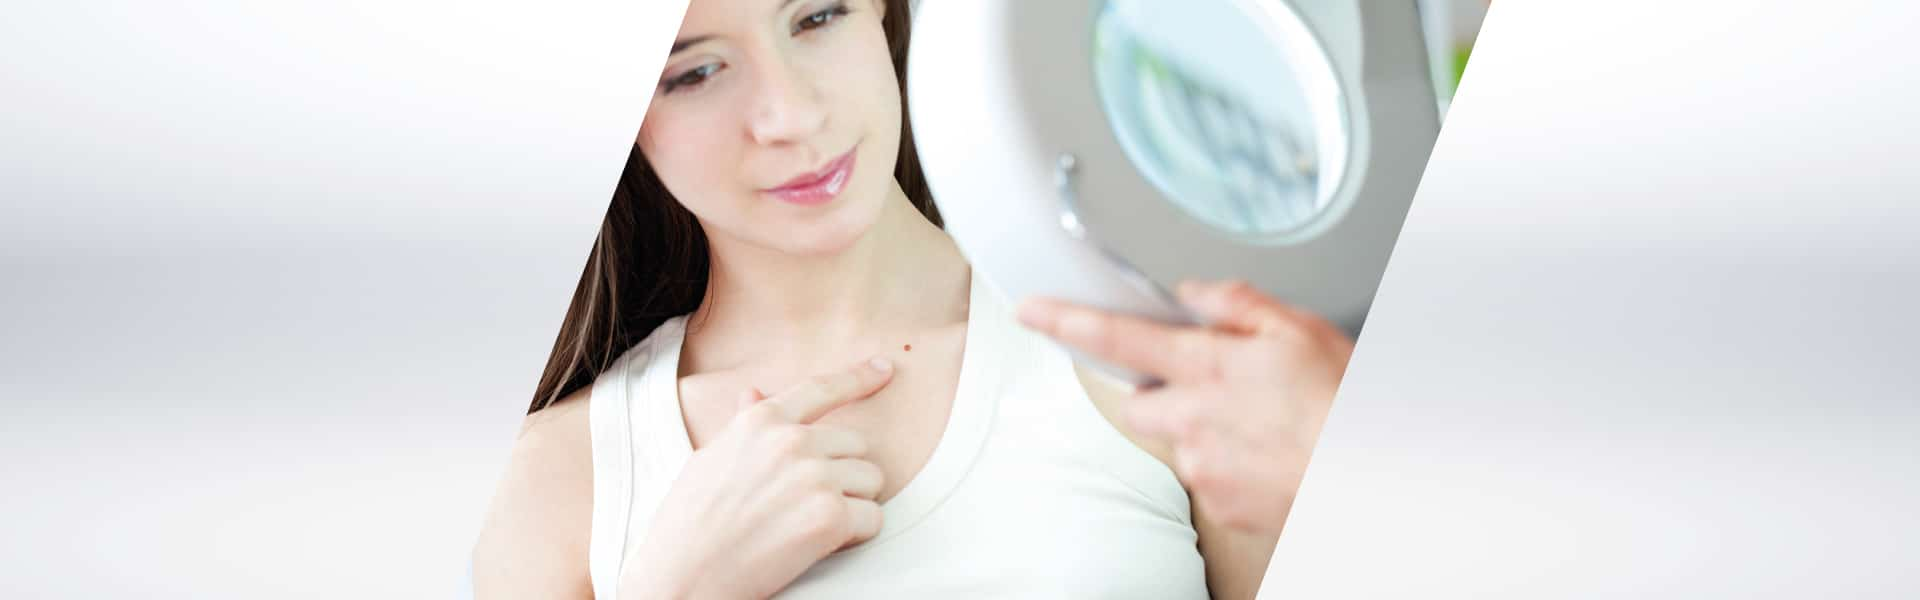 Prevenzione Dermatologica LILT Biella